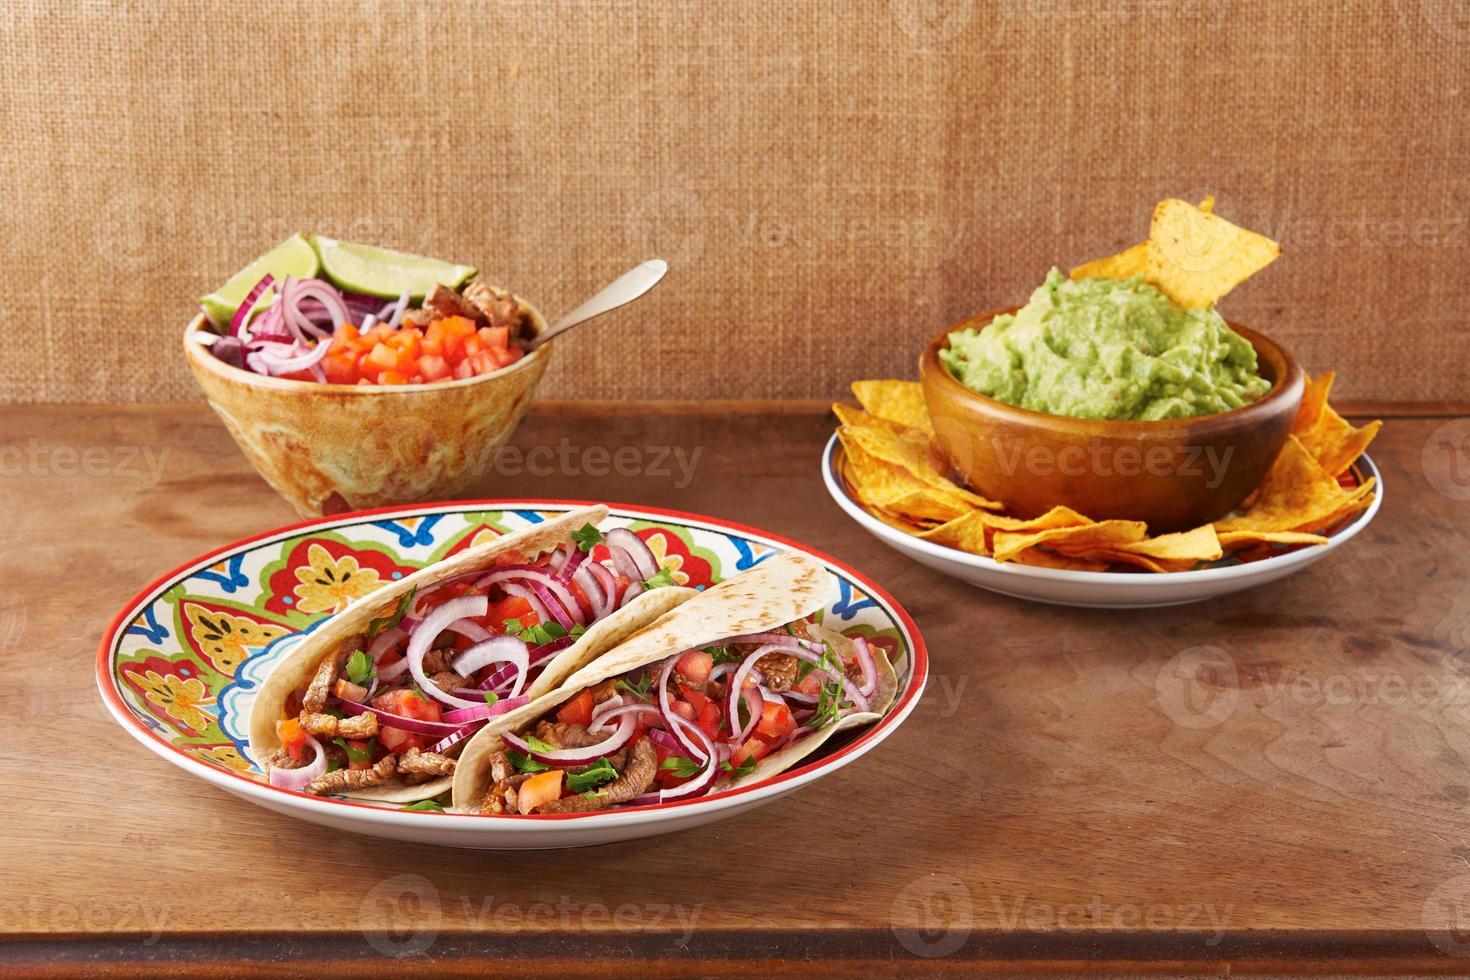 Rinderfleisch und Gemüse mexikanische Tacos foto